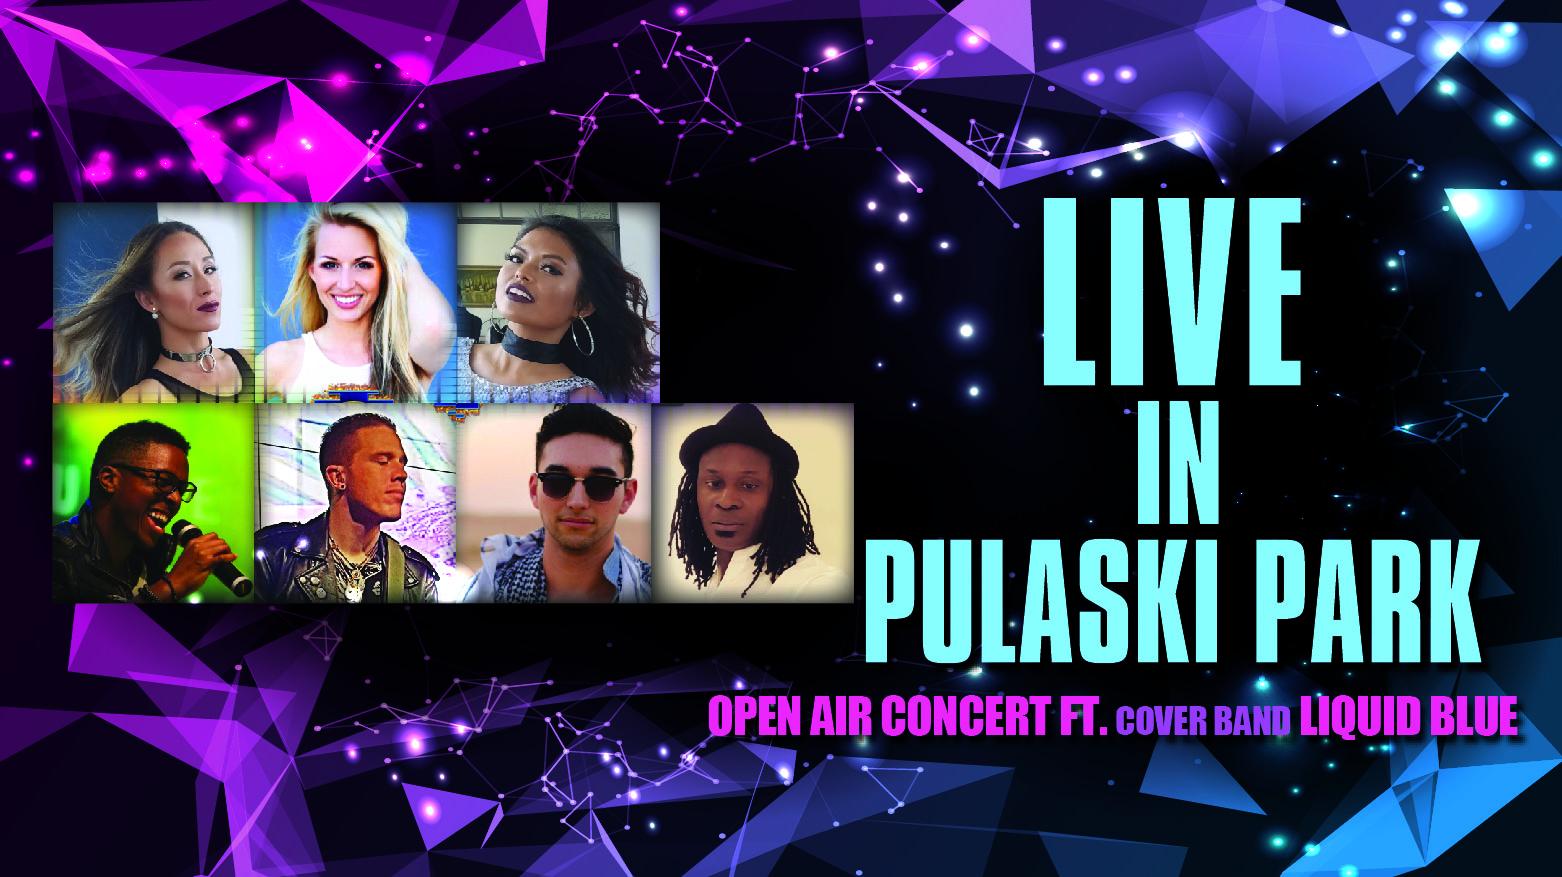 Live in Pulaski Park